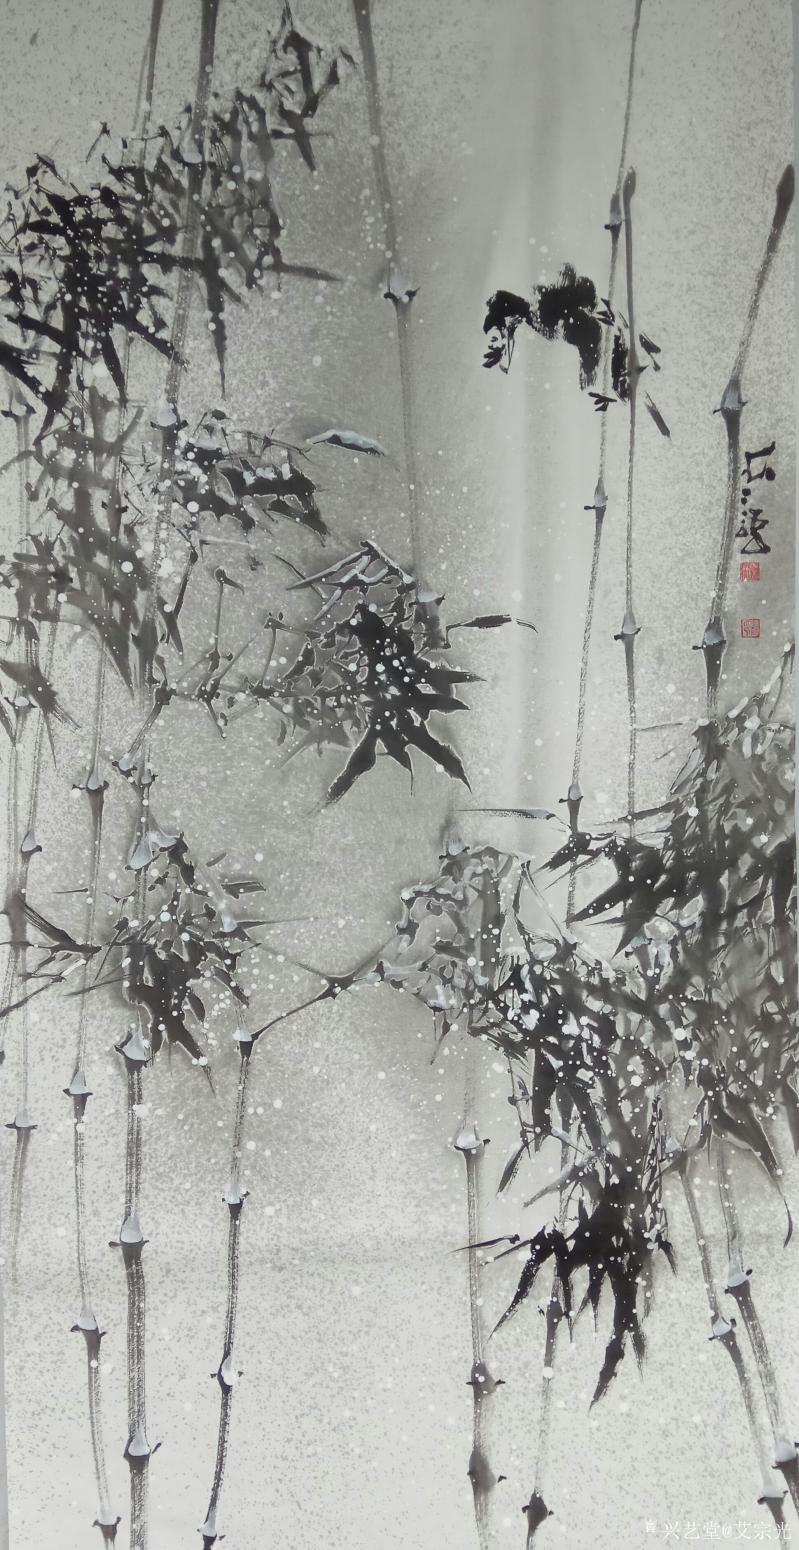 艾宗光国画作品《【竹子2】作者艾宗光》